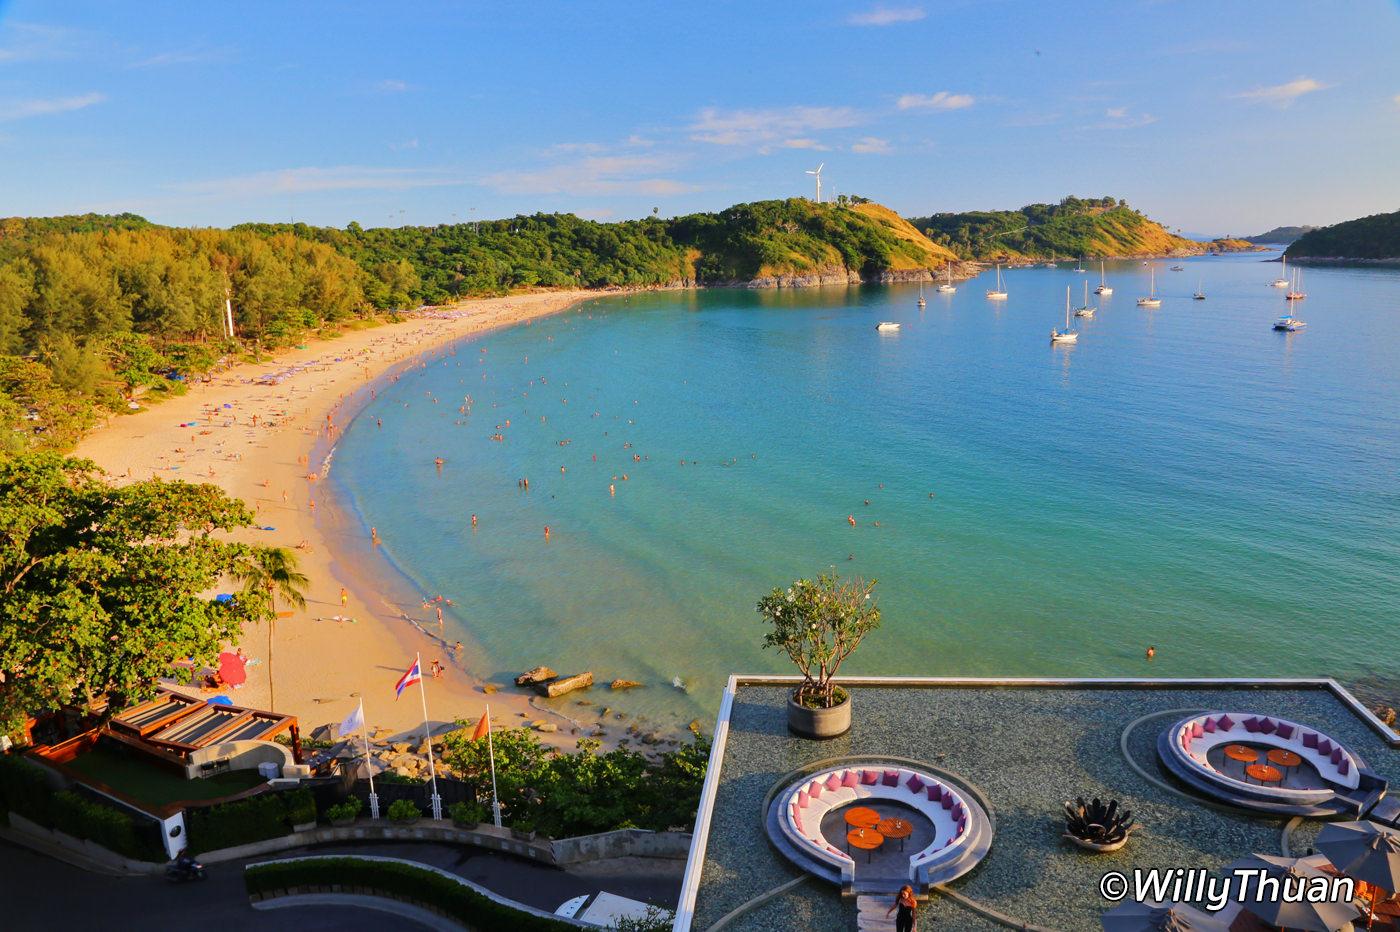 Nai Harn Beach Restaurants